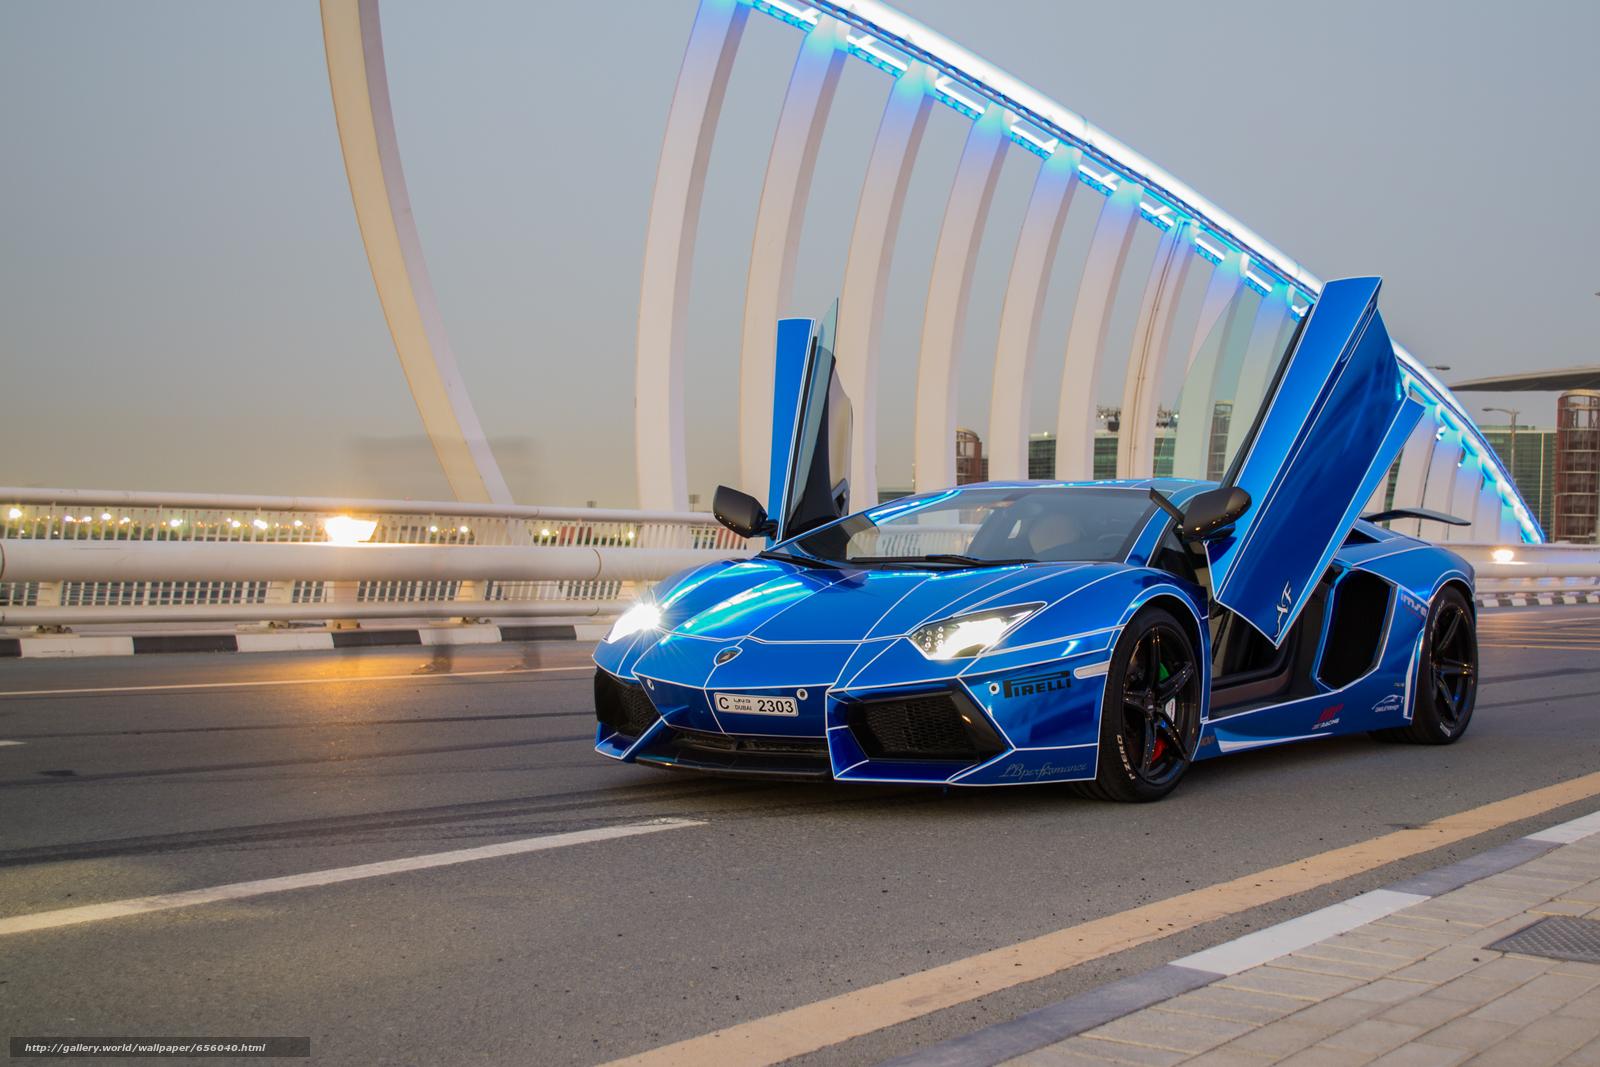 Скачать обои Lamborghini,  машина,  автомобиль бесплатно для рабочего стола в разрешении 4059x2706 — картинка №656040